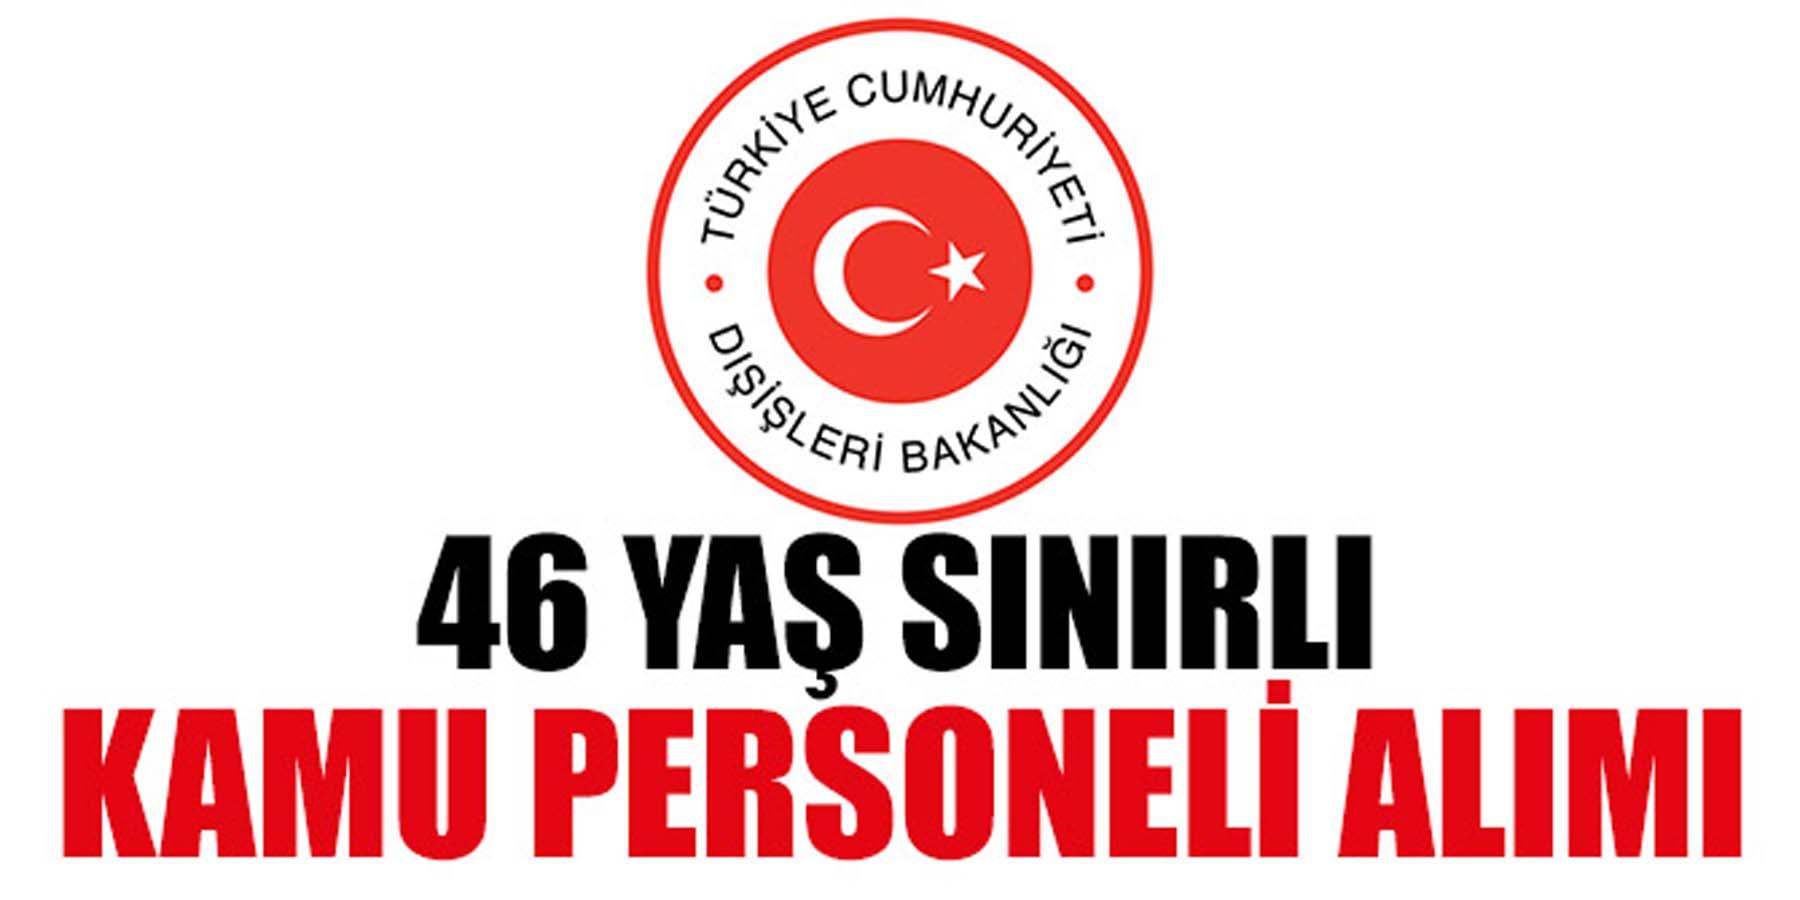 Dışişleri Bakanlığı 46 Yaş Sınırlı Kamu Personeli Alımı